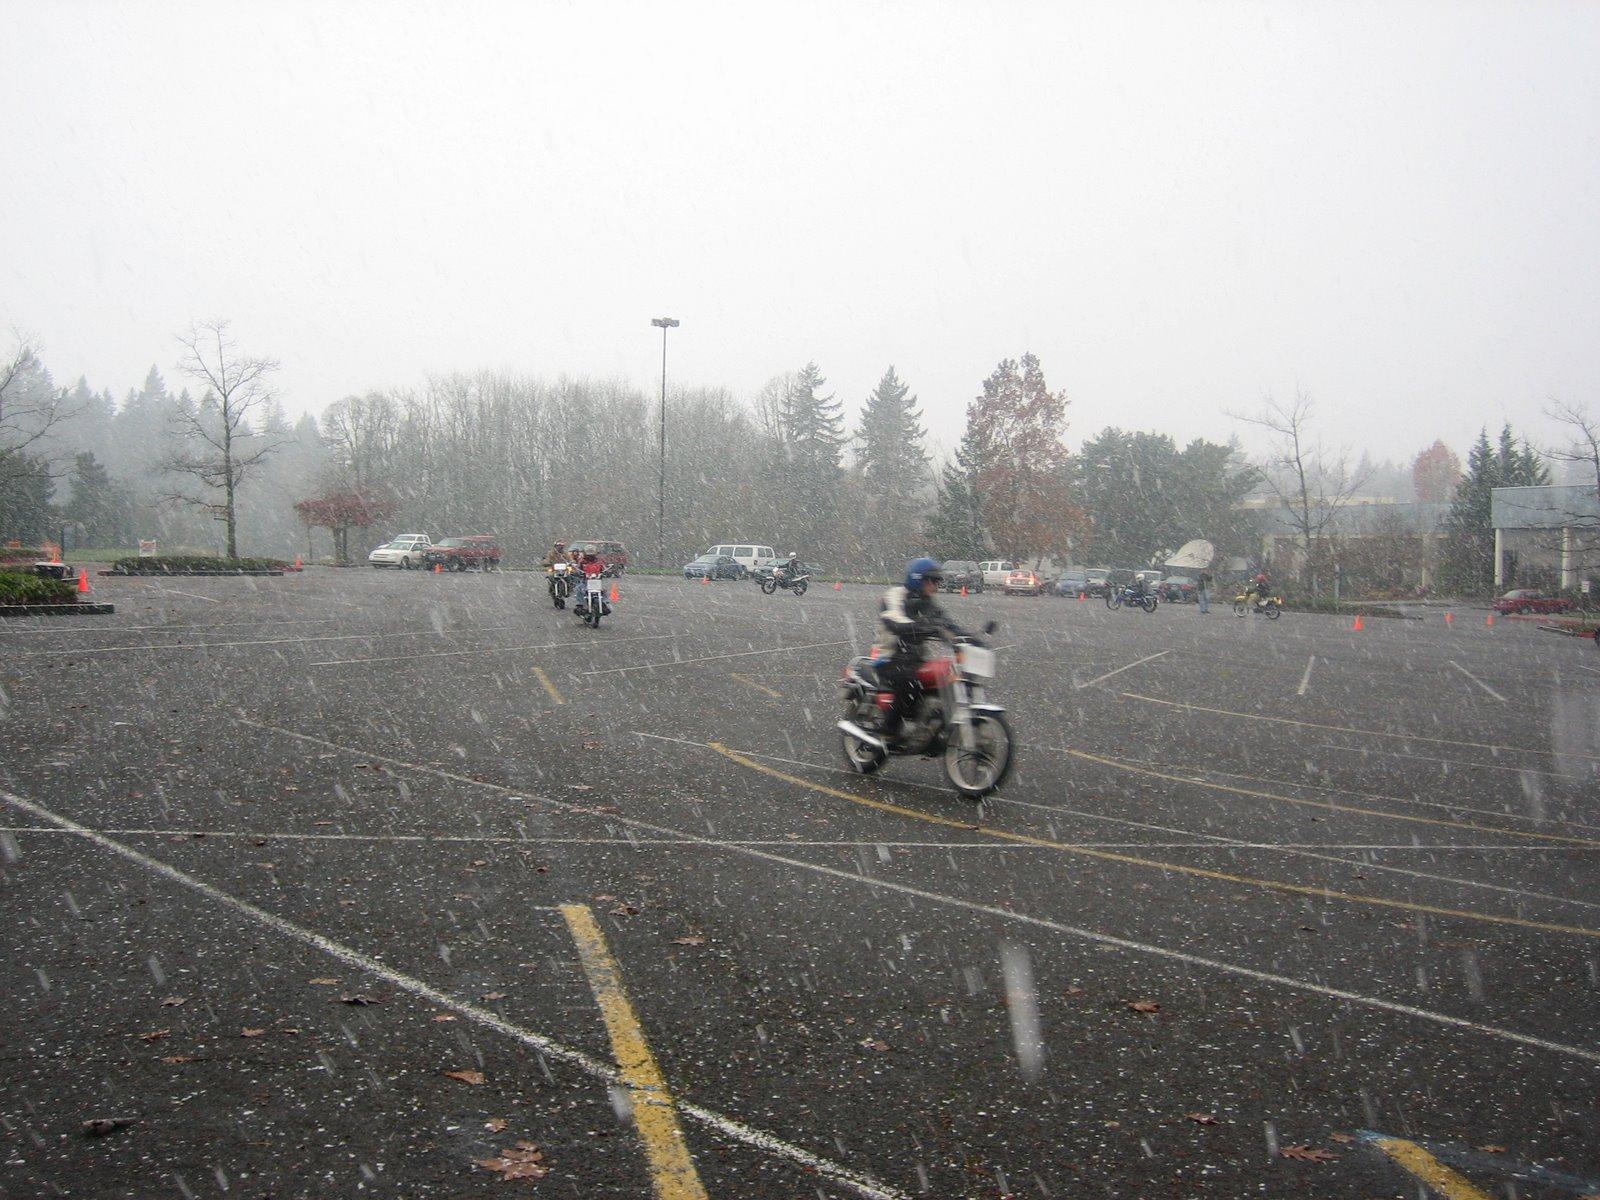 [Snow+bike]